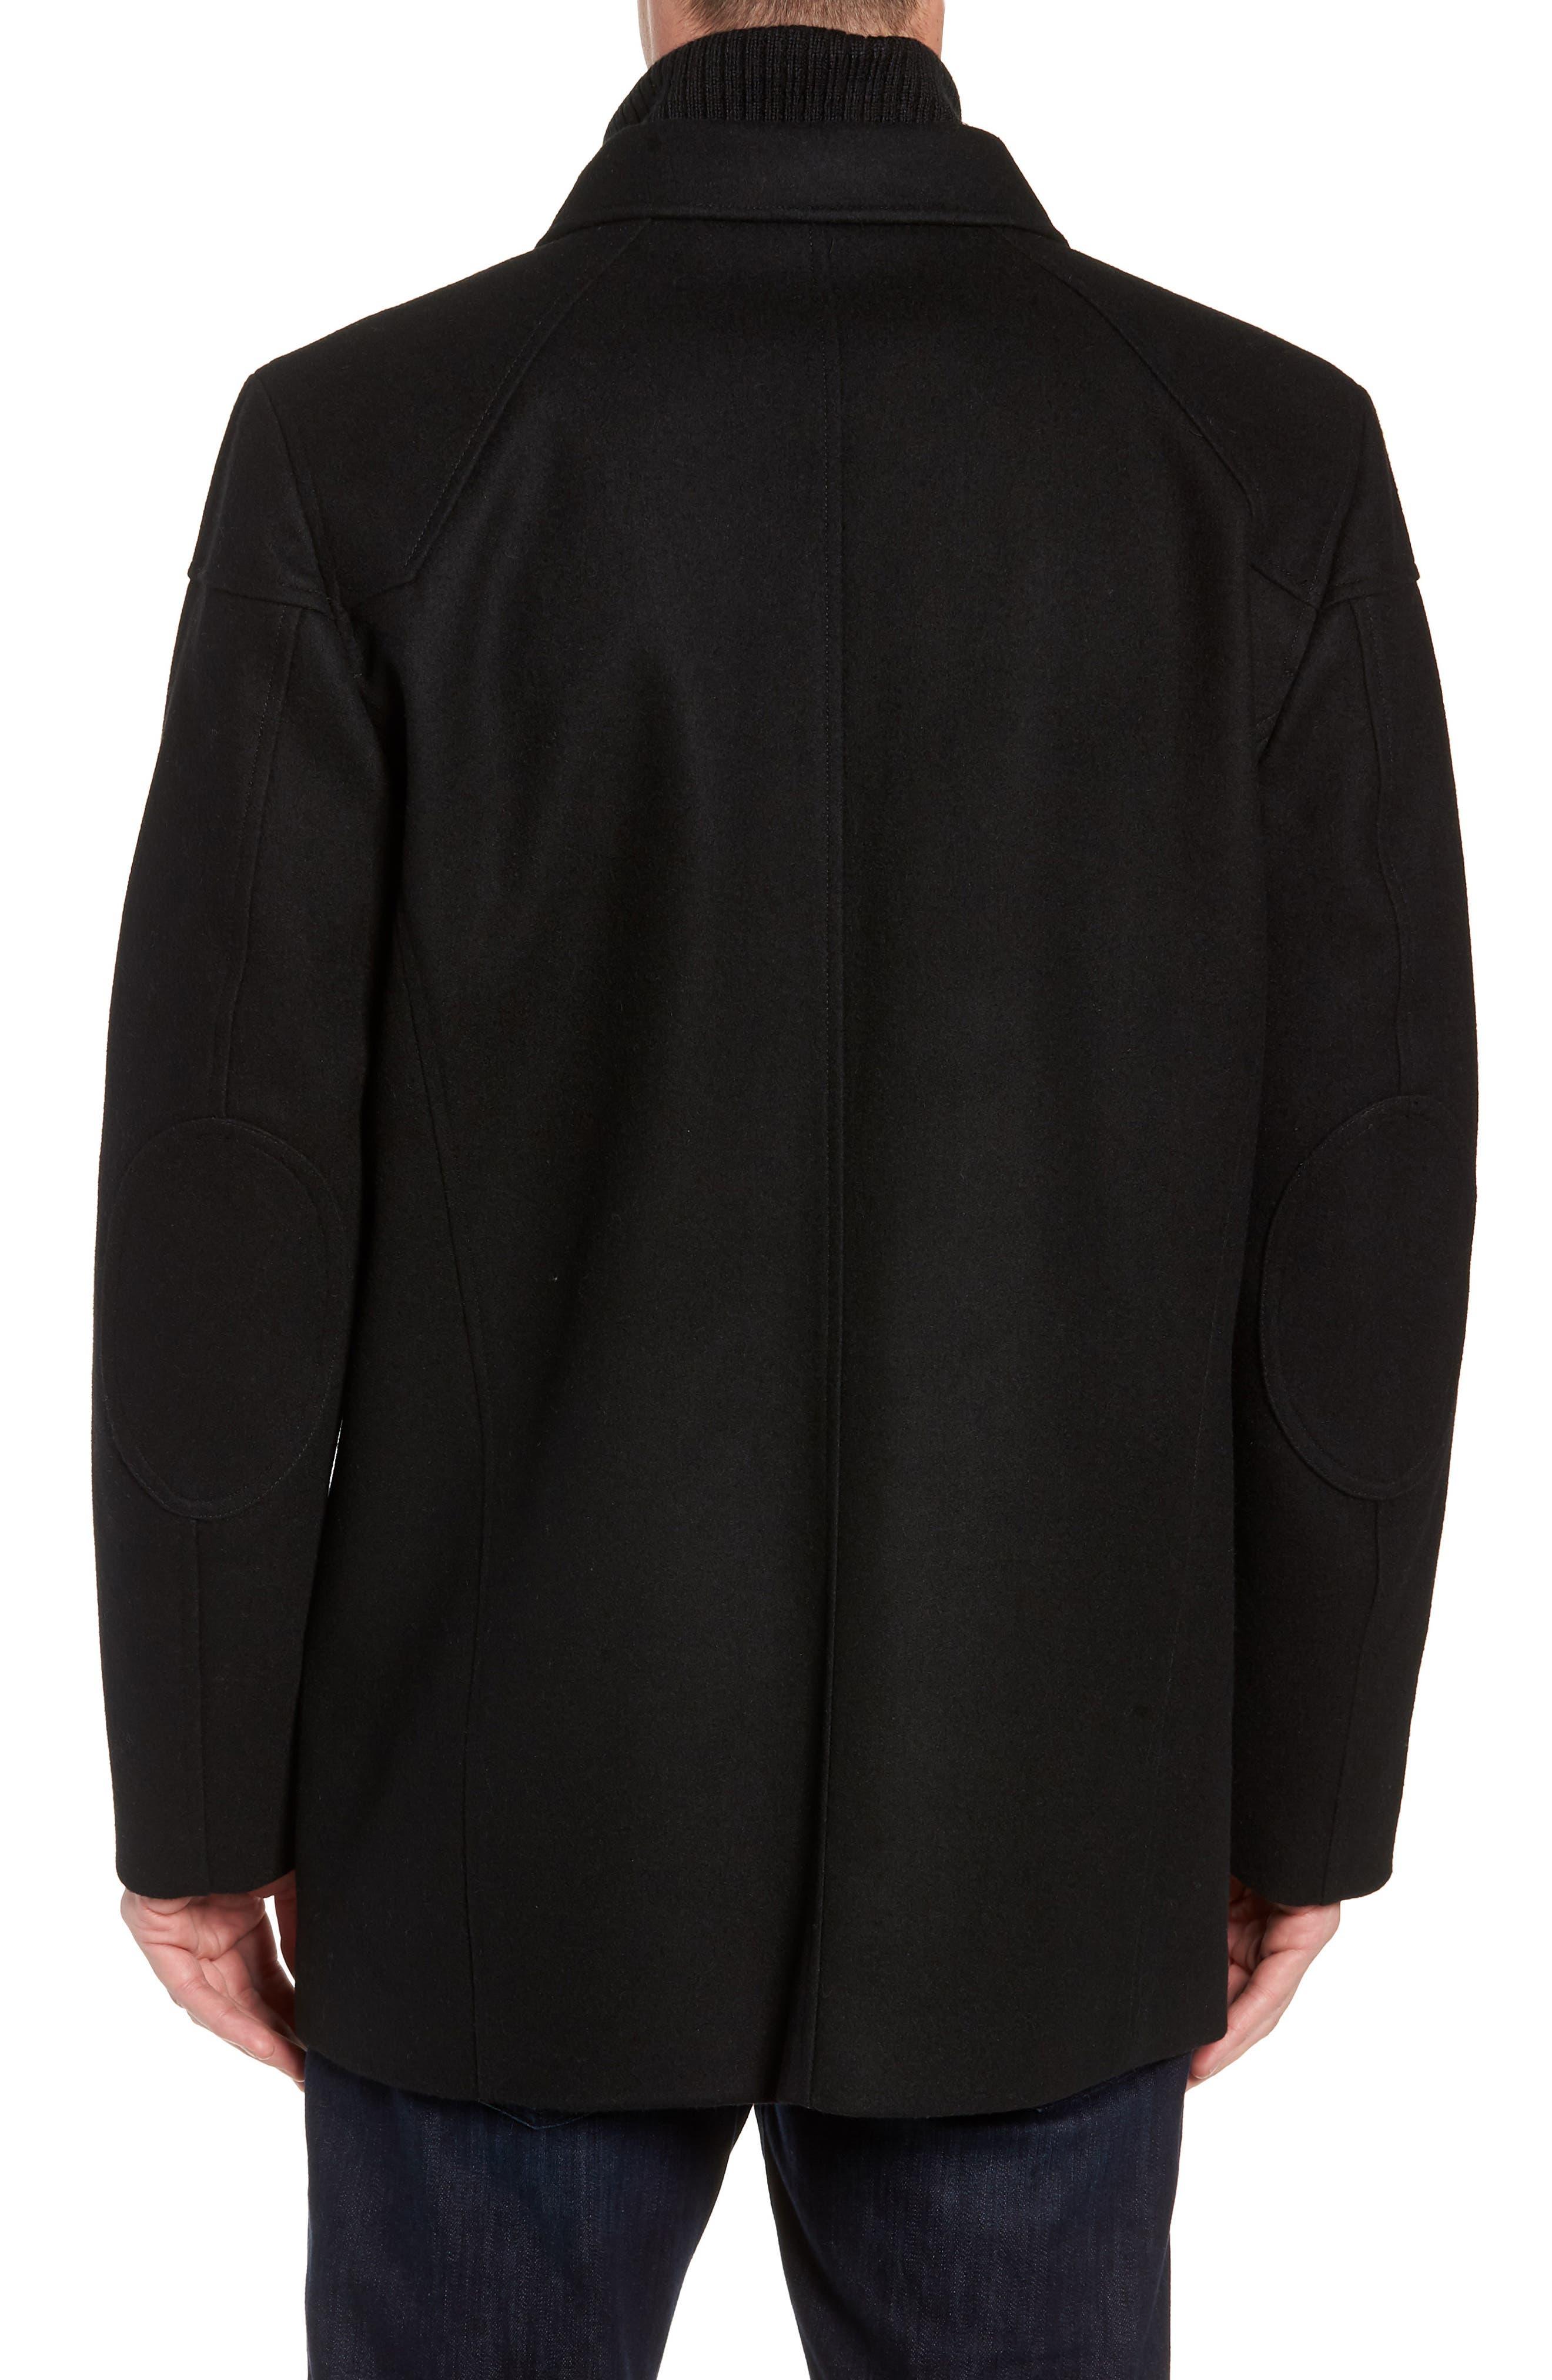 Melton Car Coat with Removable Bib,                             Alternate thumbnail 3, color,                             BLACK